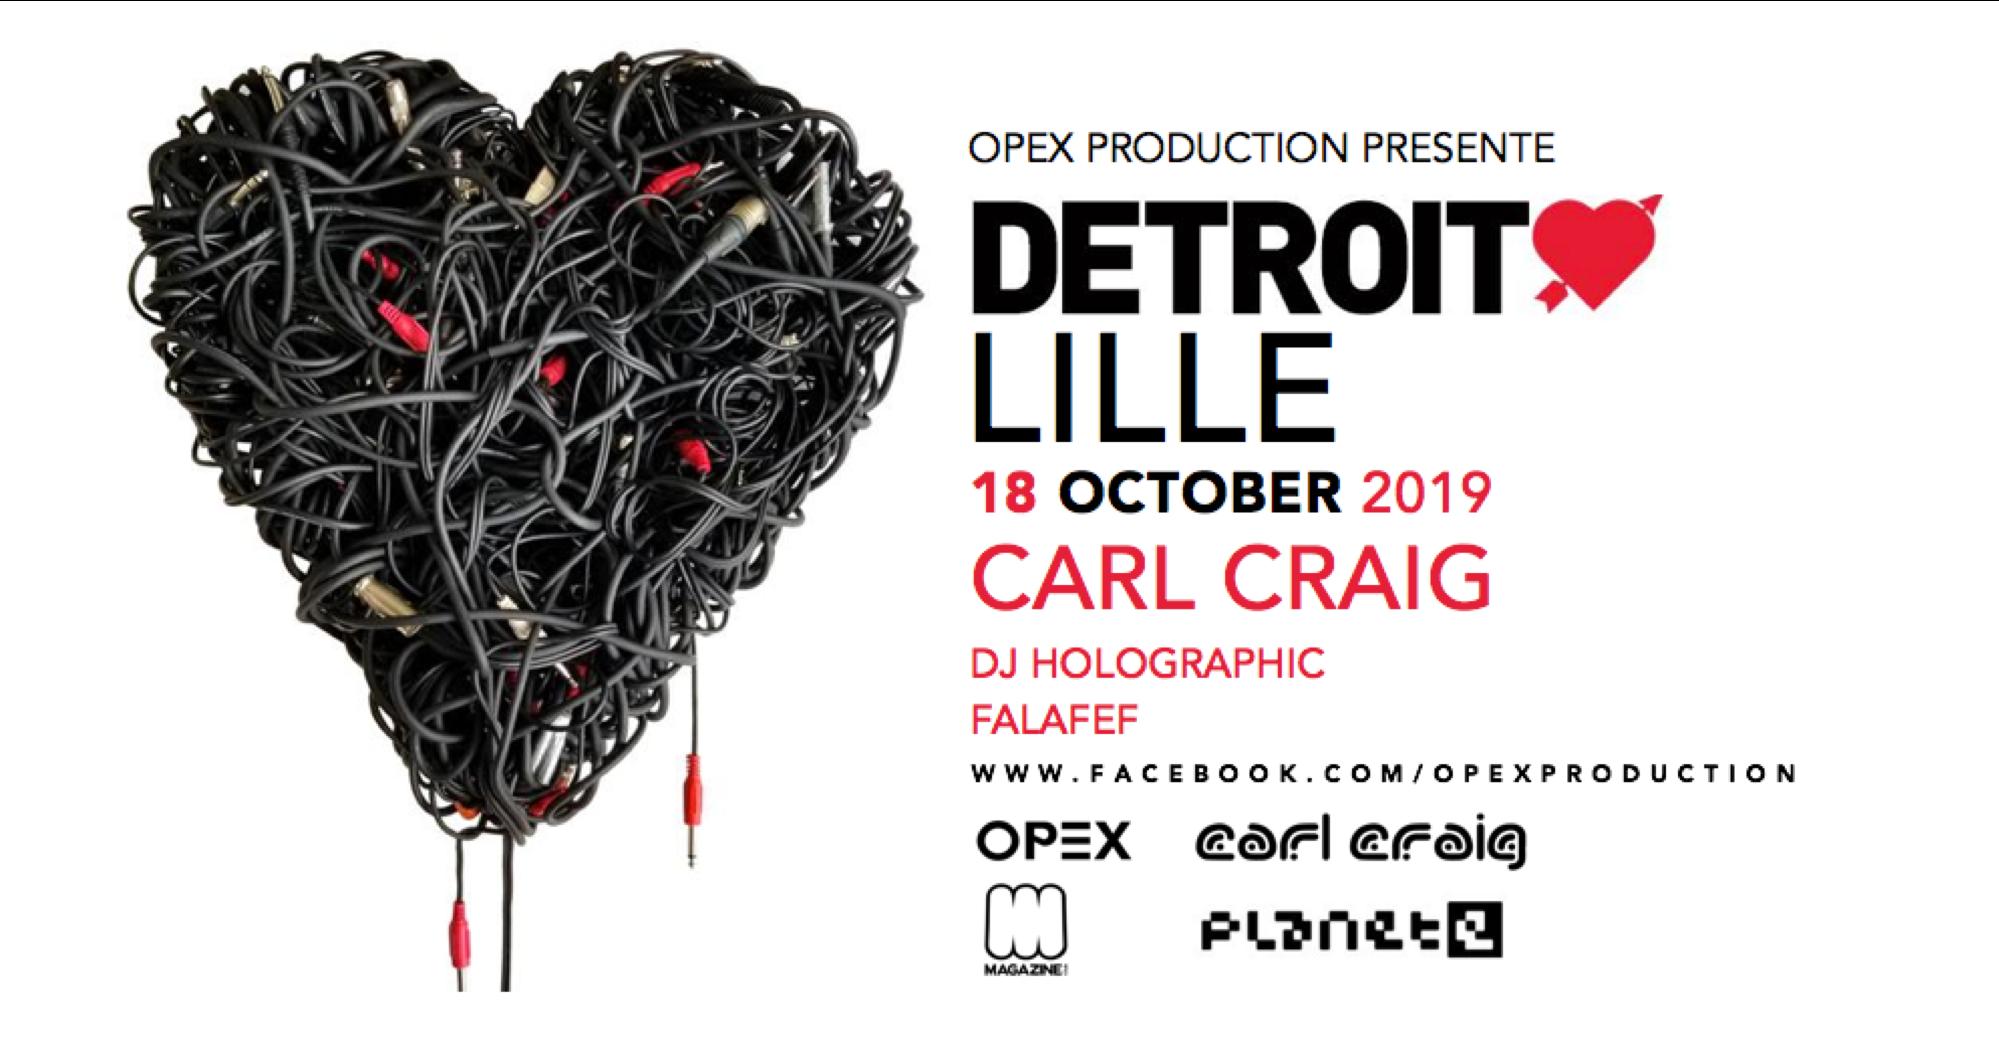 OPEX présente Detroit Love Lille w/ Carl Craig